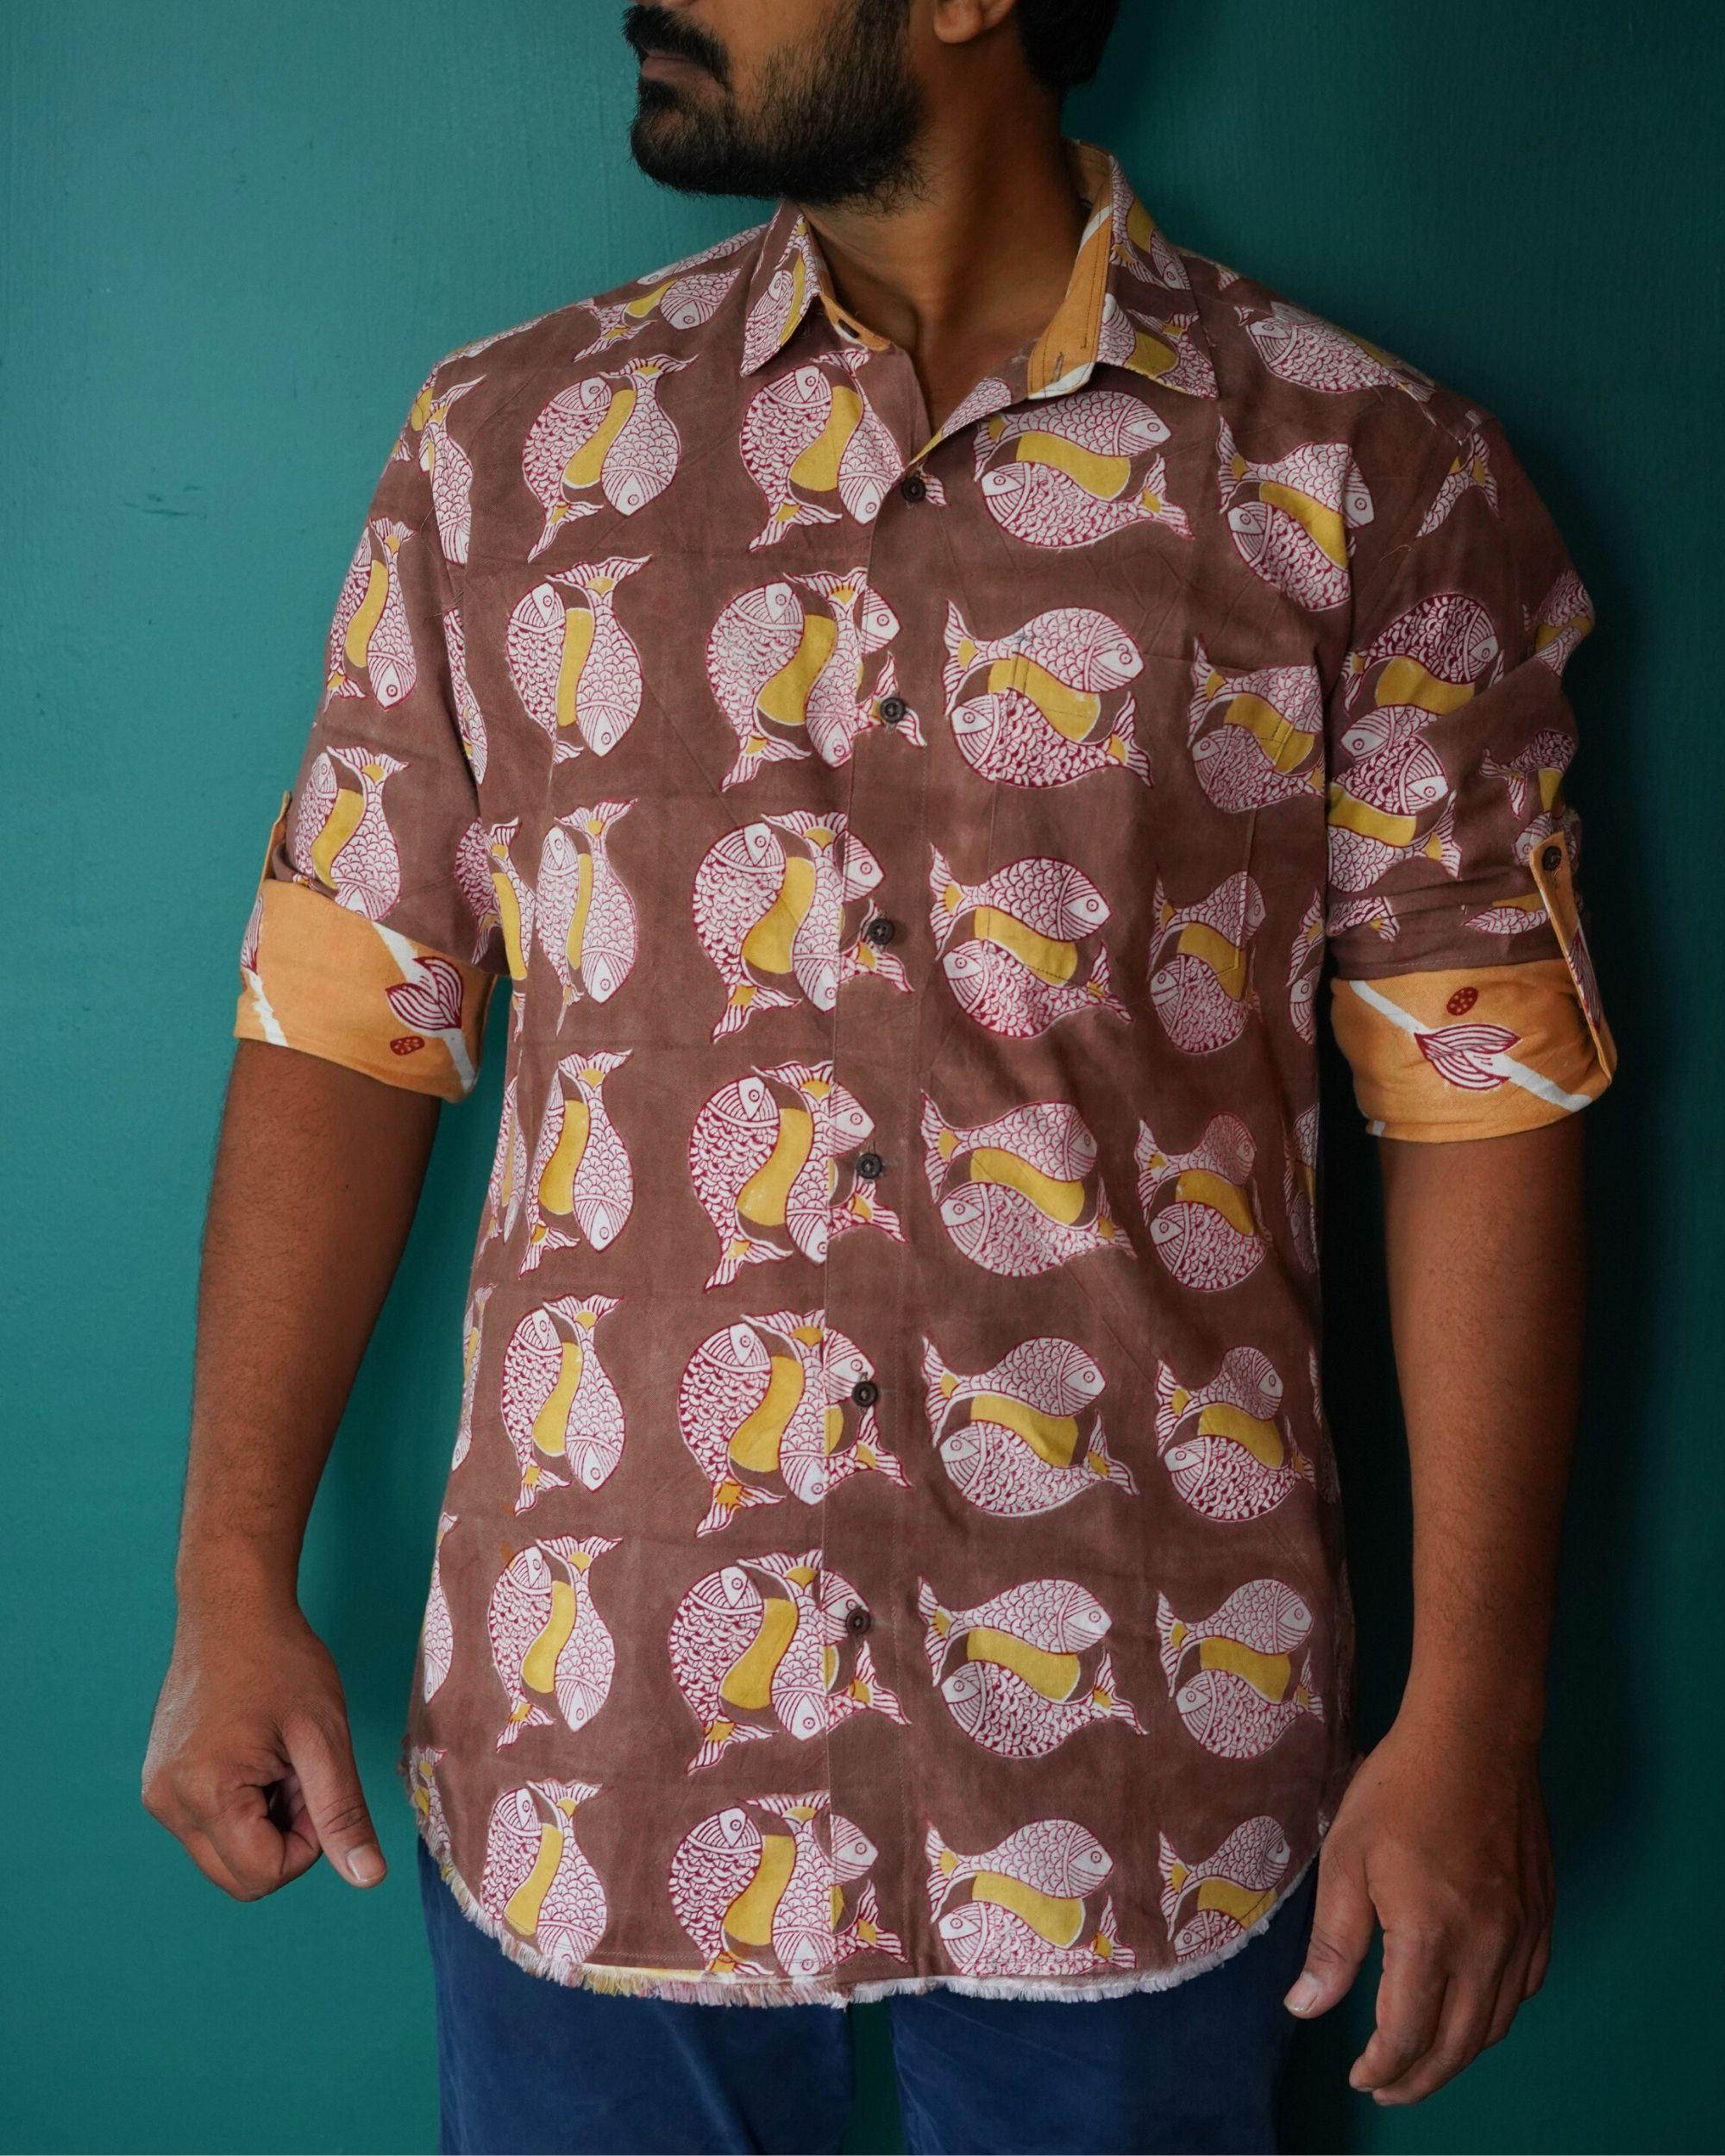 Brown fish printed shirt